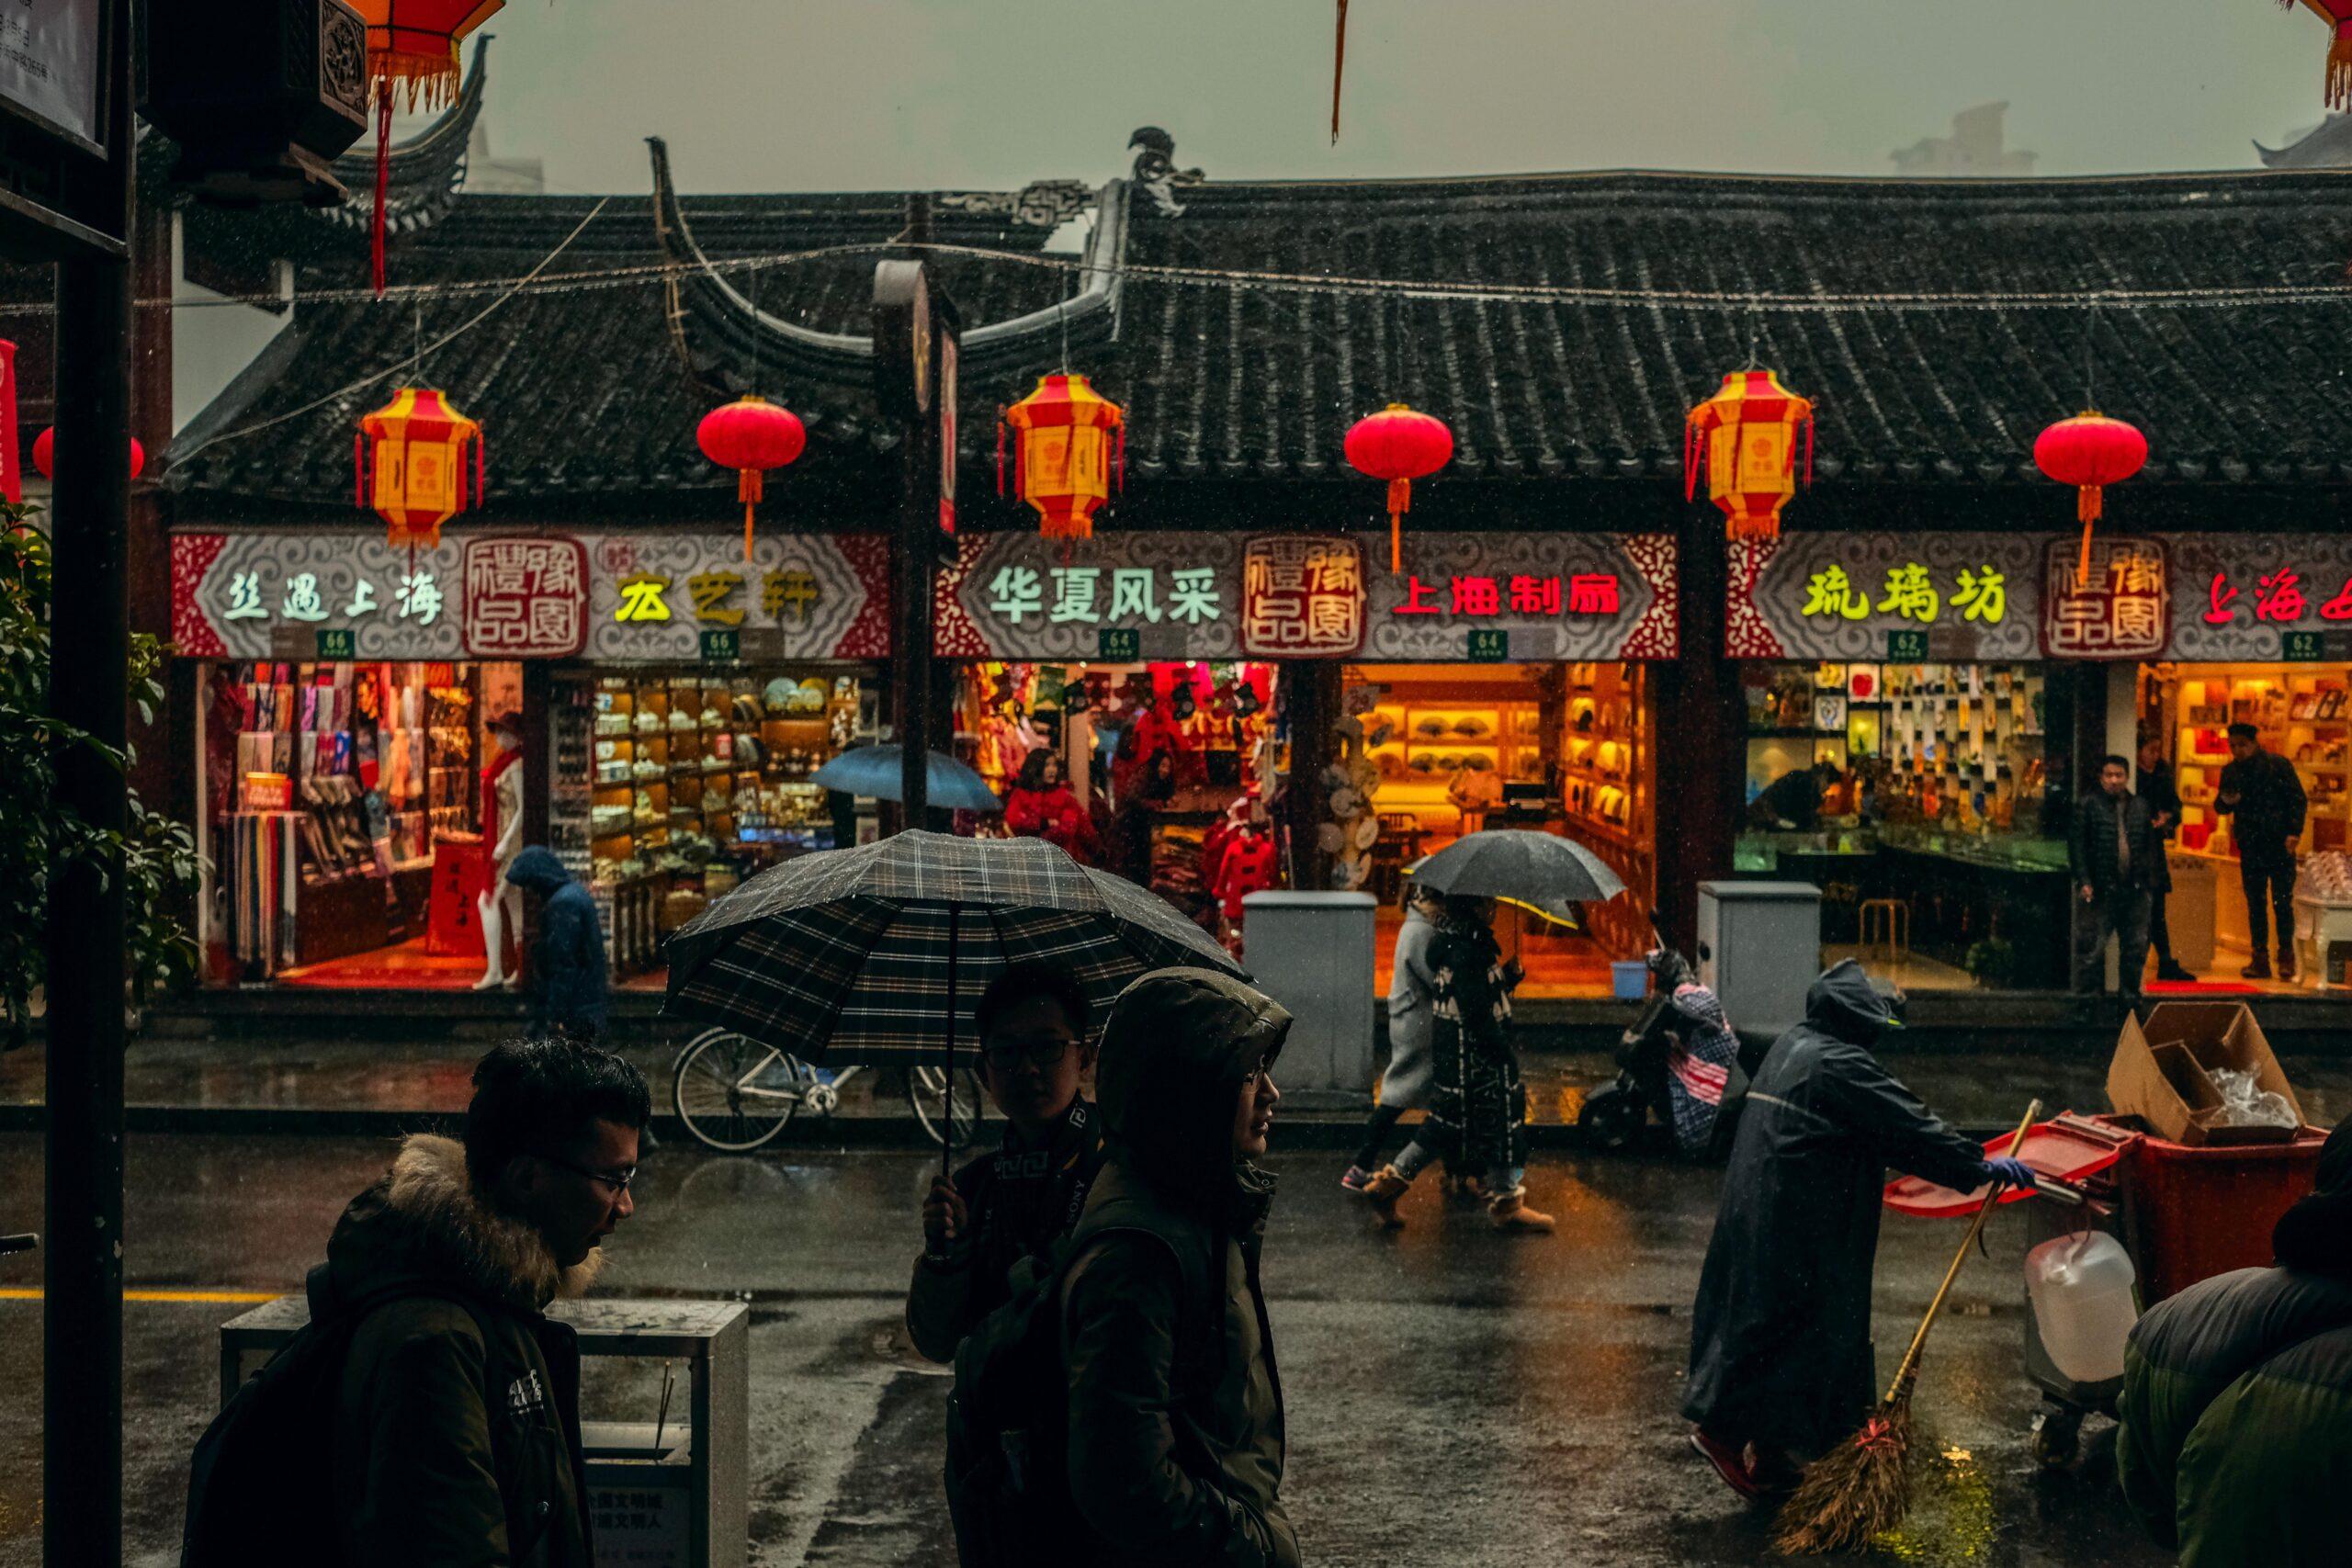 איך גשם נוצר בציורים סינים